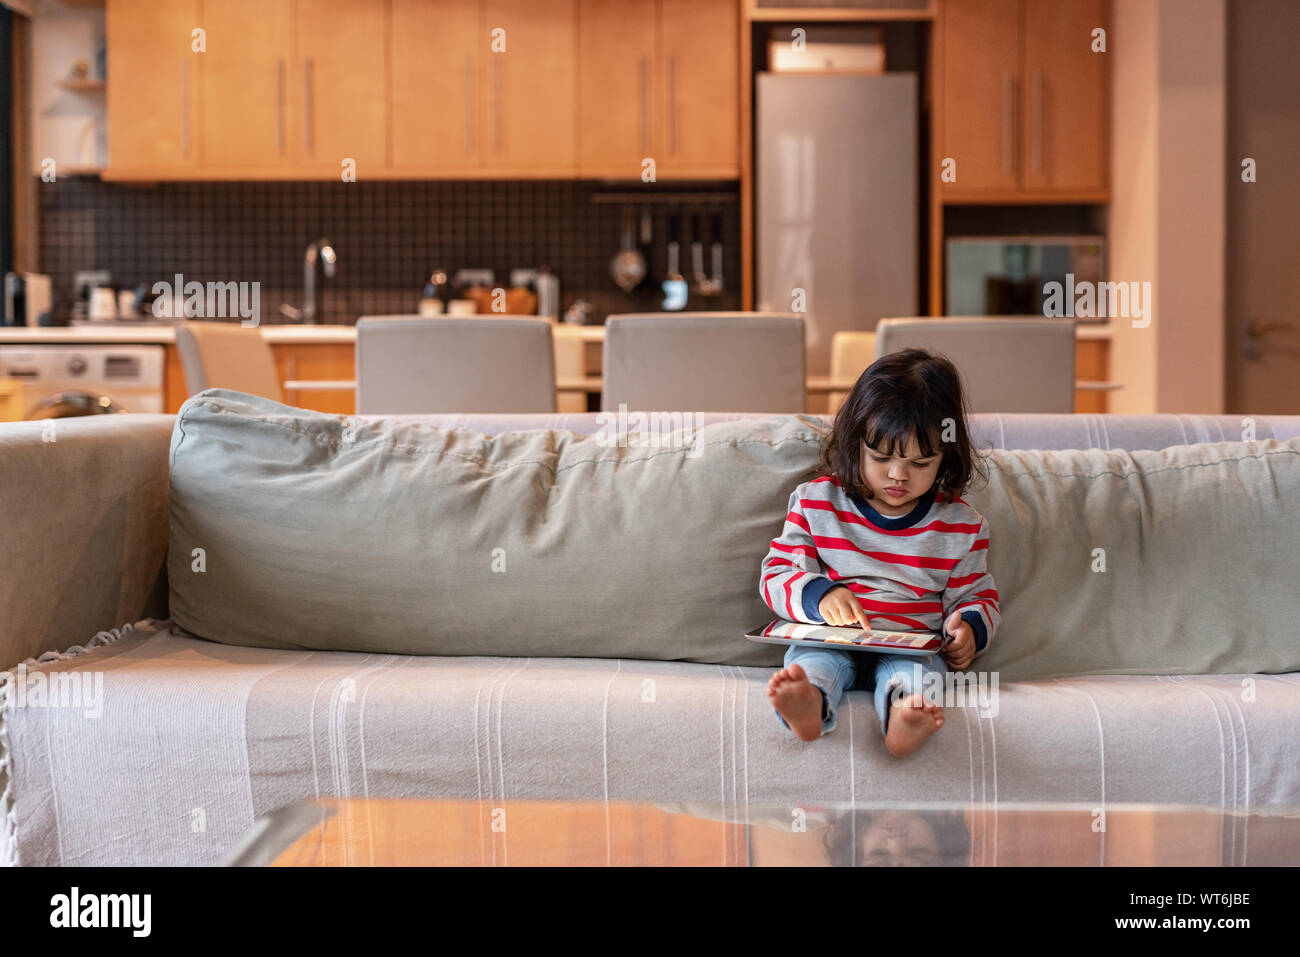 Jolie petite fille assise sur son canapé à l'aide d'une tablette Banque D'Images